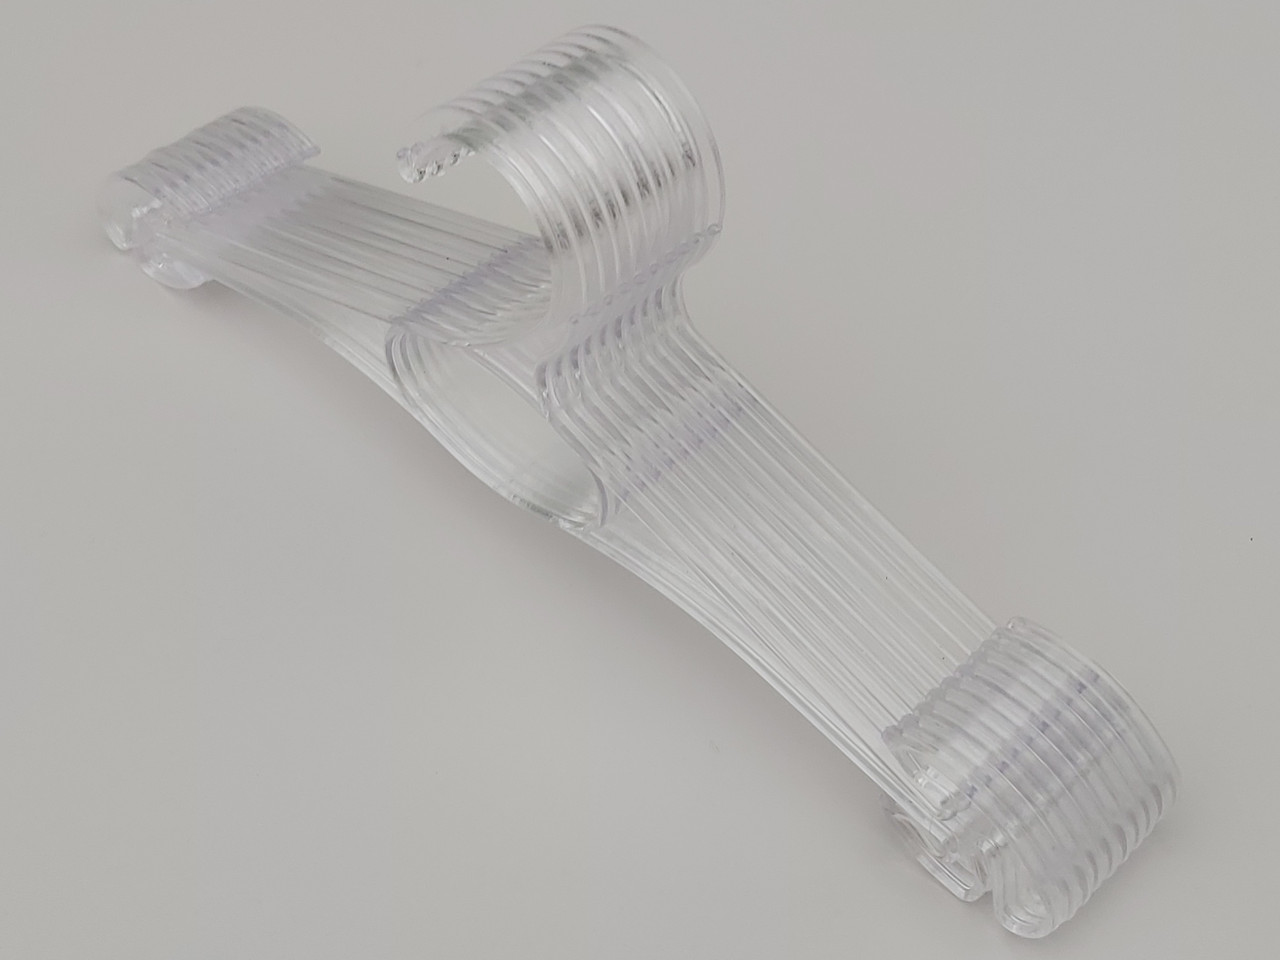 Плечики длина 30 см, в упаковке 10 штук.  V-N30ps цвет прозрачный